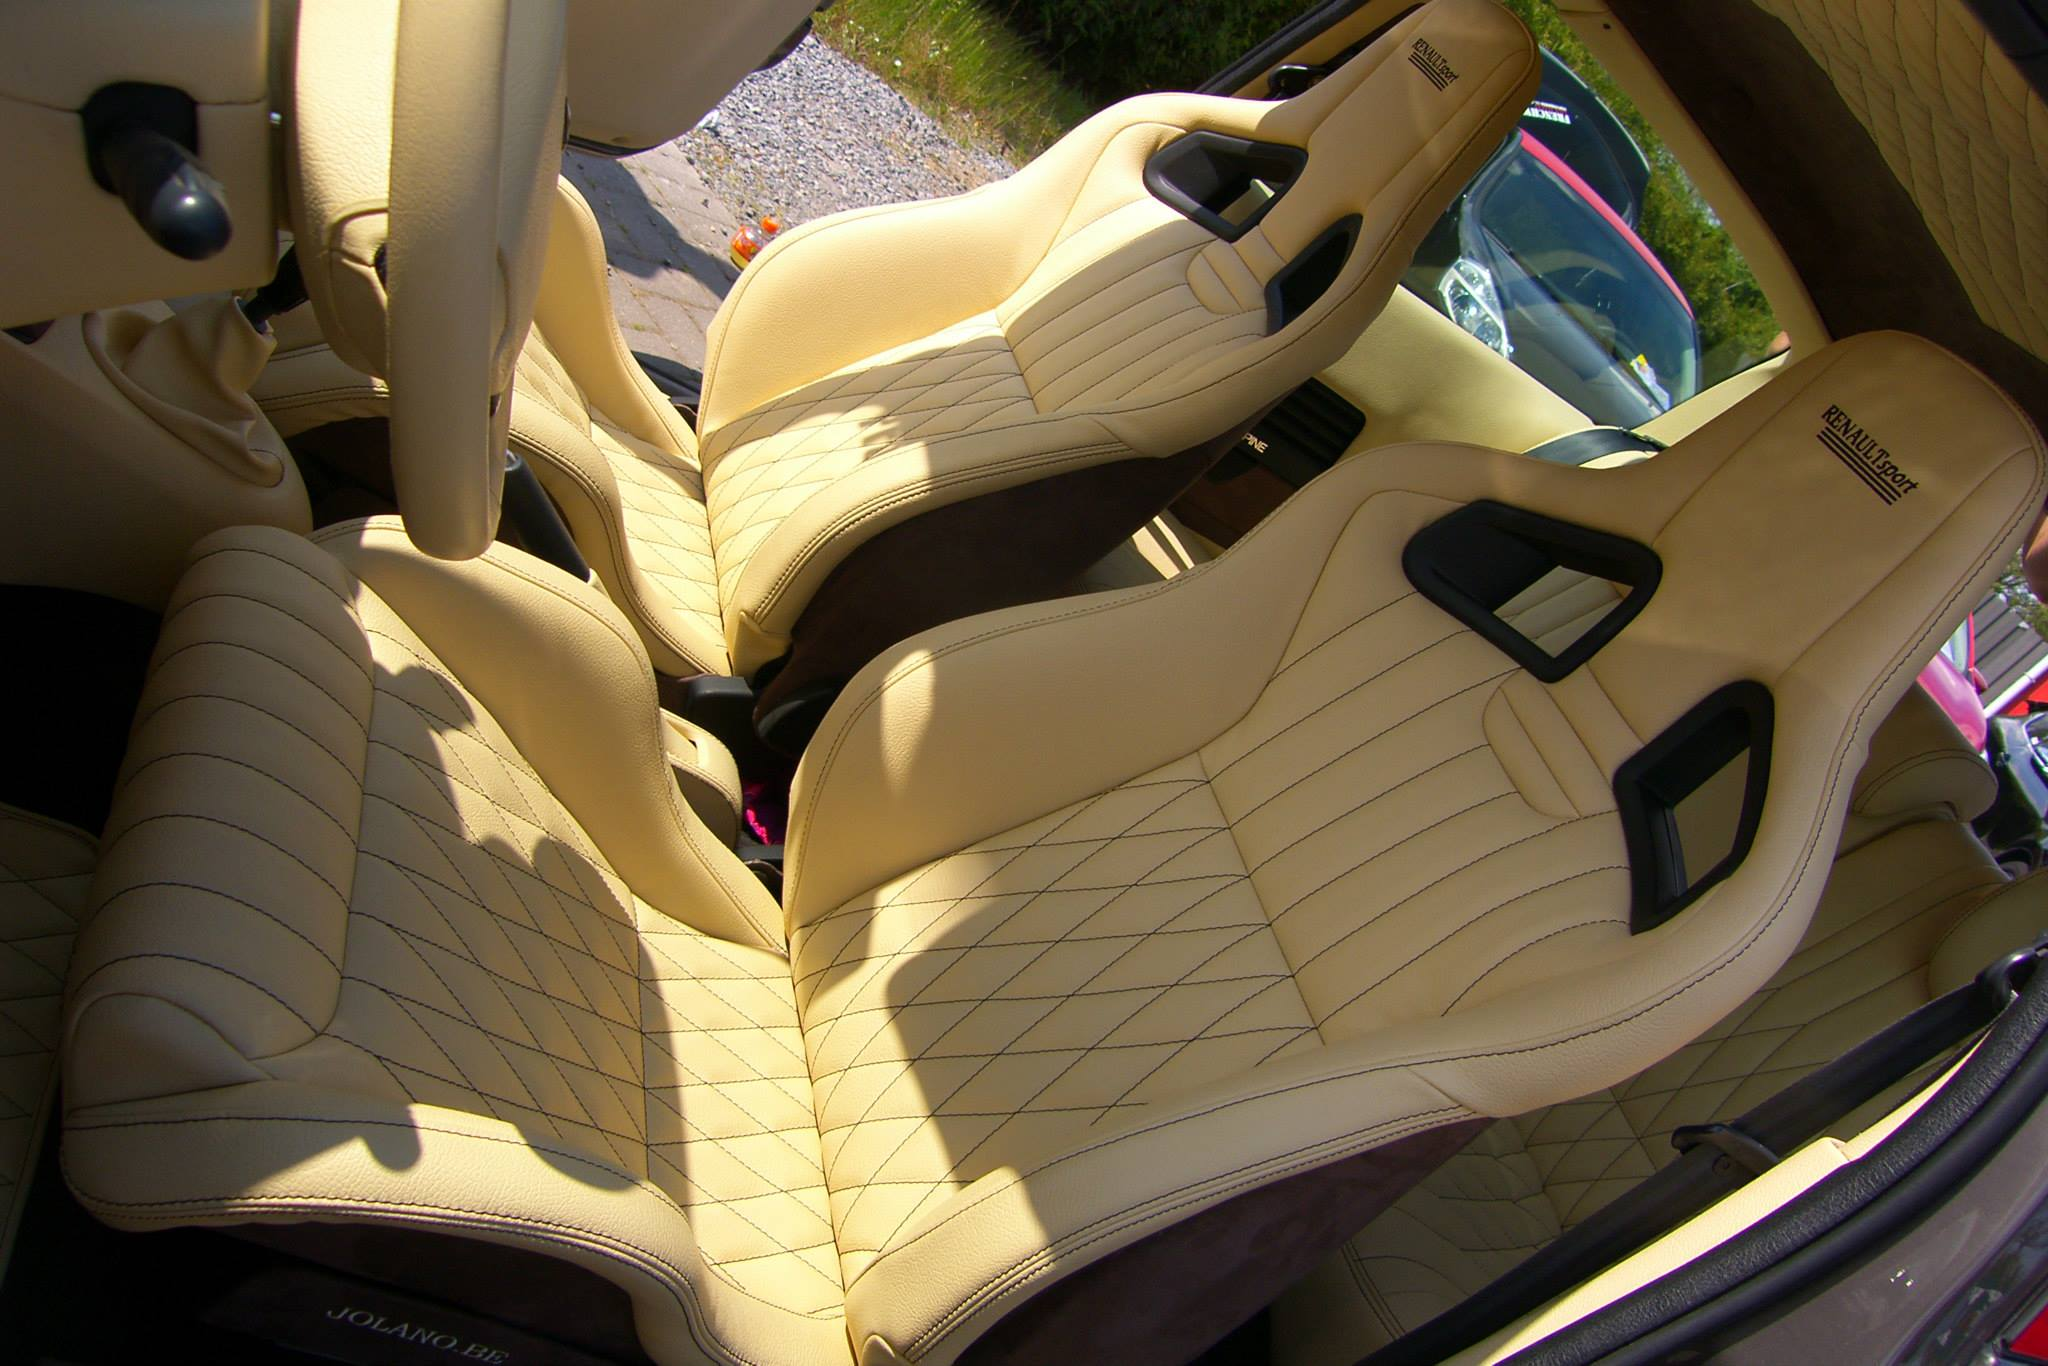 recaro zetels autobekleding autobekleding autobekleding vernieuwen auto interieur bekleden skai bekleding skai bekleden